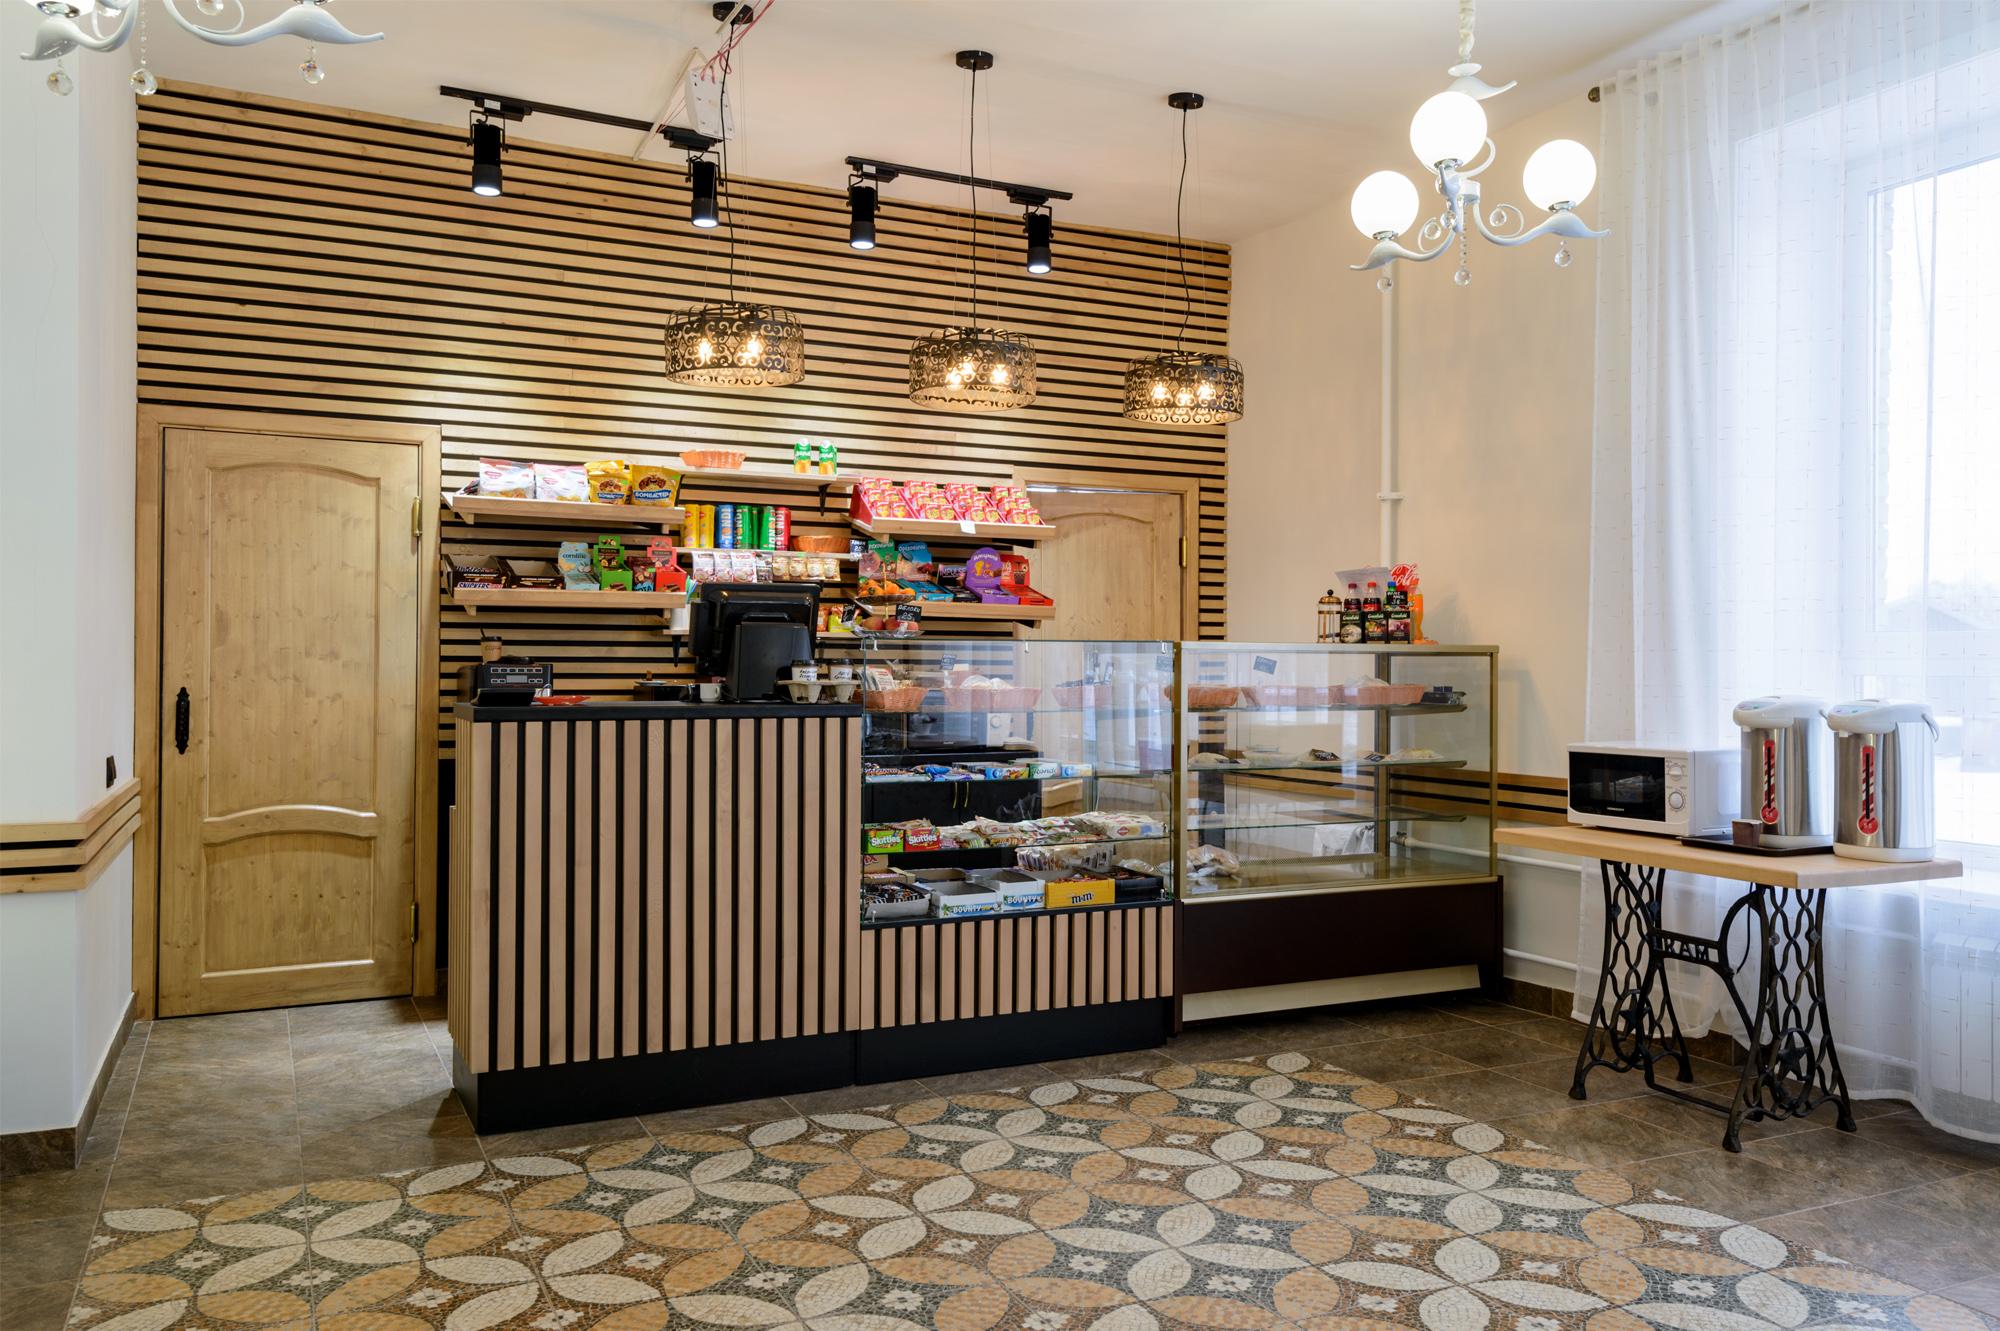 В кафе продают выпечку, пирожные, домашние завтраки, фрукты, европейские, узбекские и китайские блюда